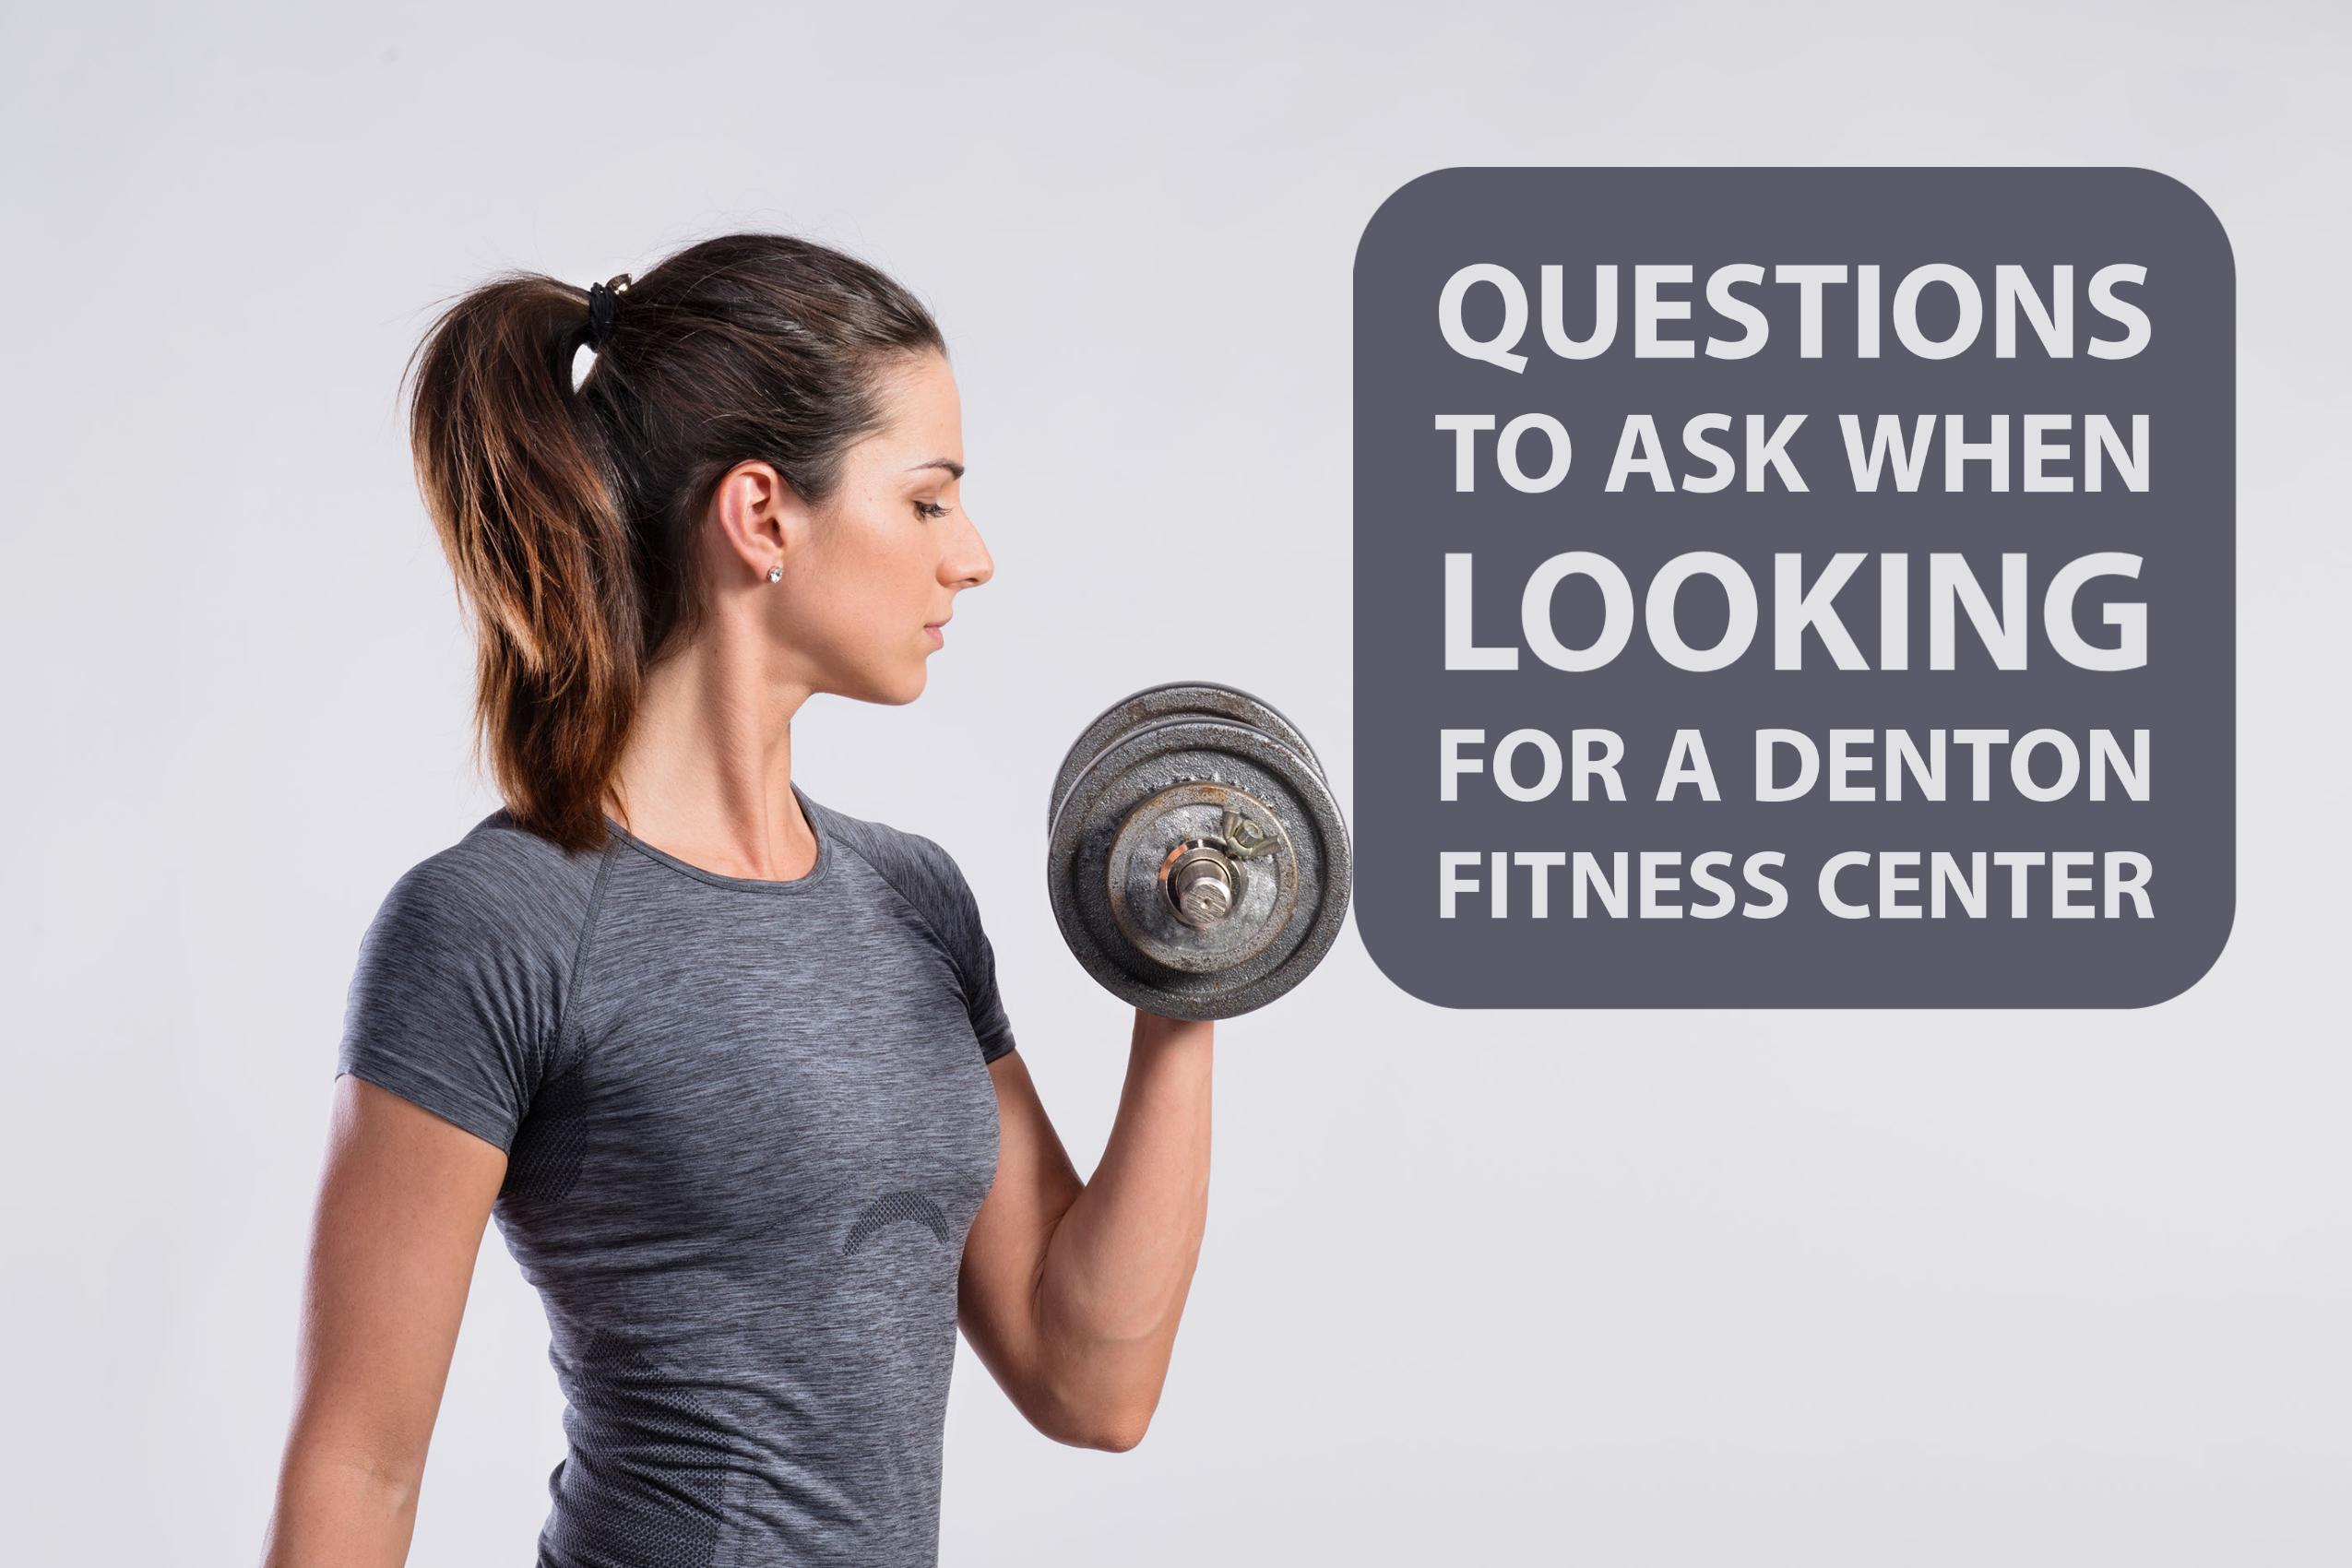 denton fitness center